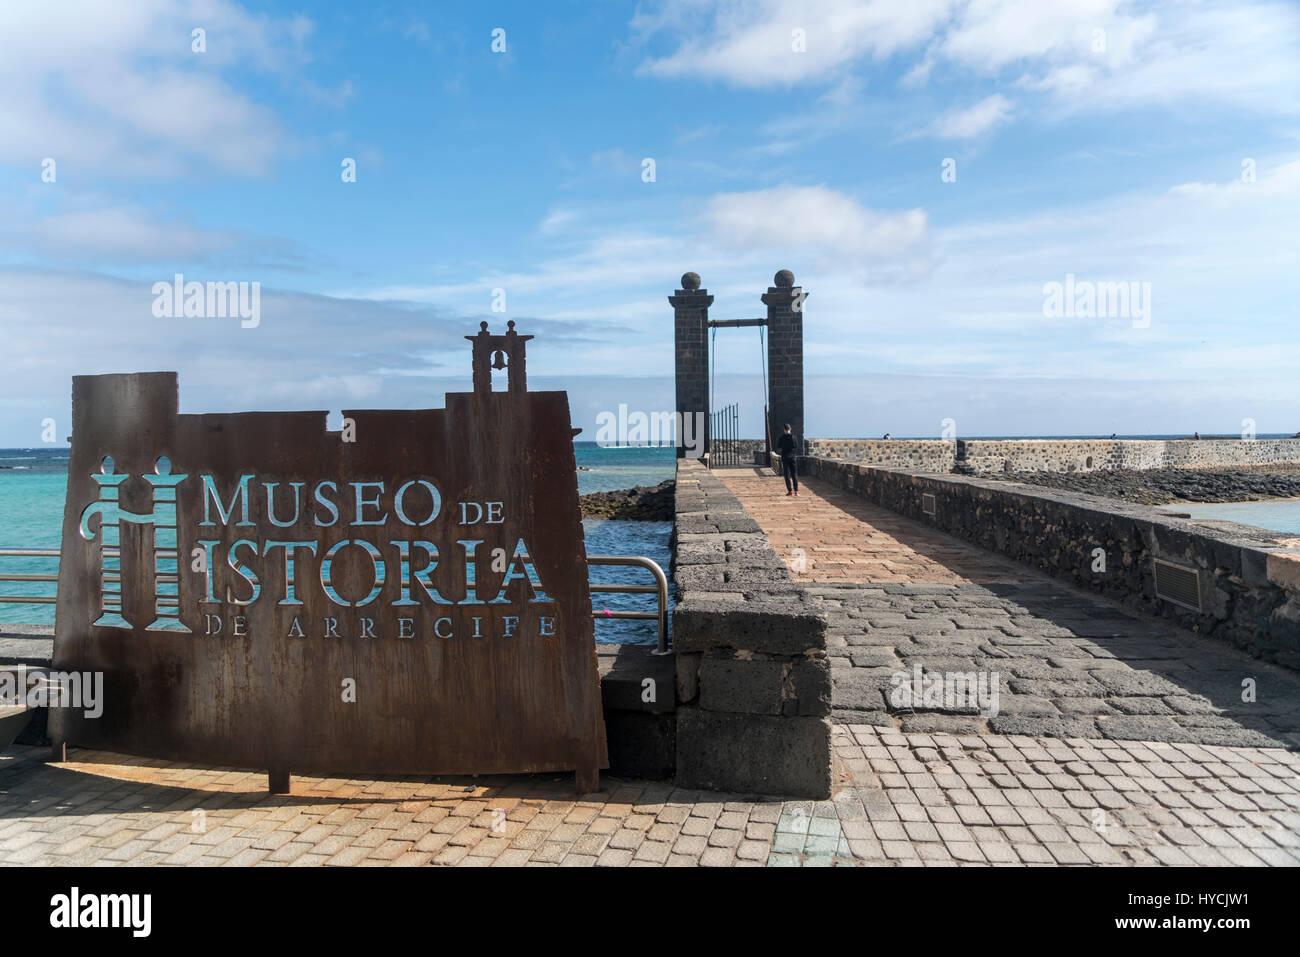 Brücke Puente de Las Bolas und Schild Museo de Historia,  Hauptstadt Arrecife, Insel Lanzarote, Kanarische Inseln, Stock Photo